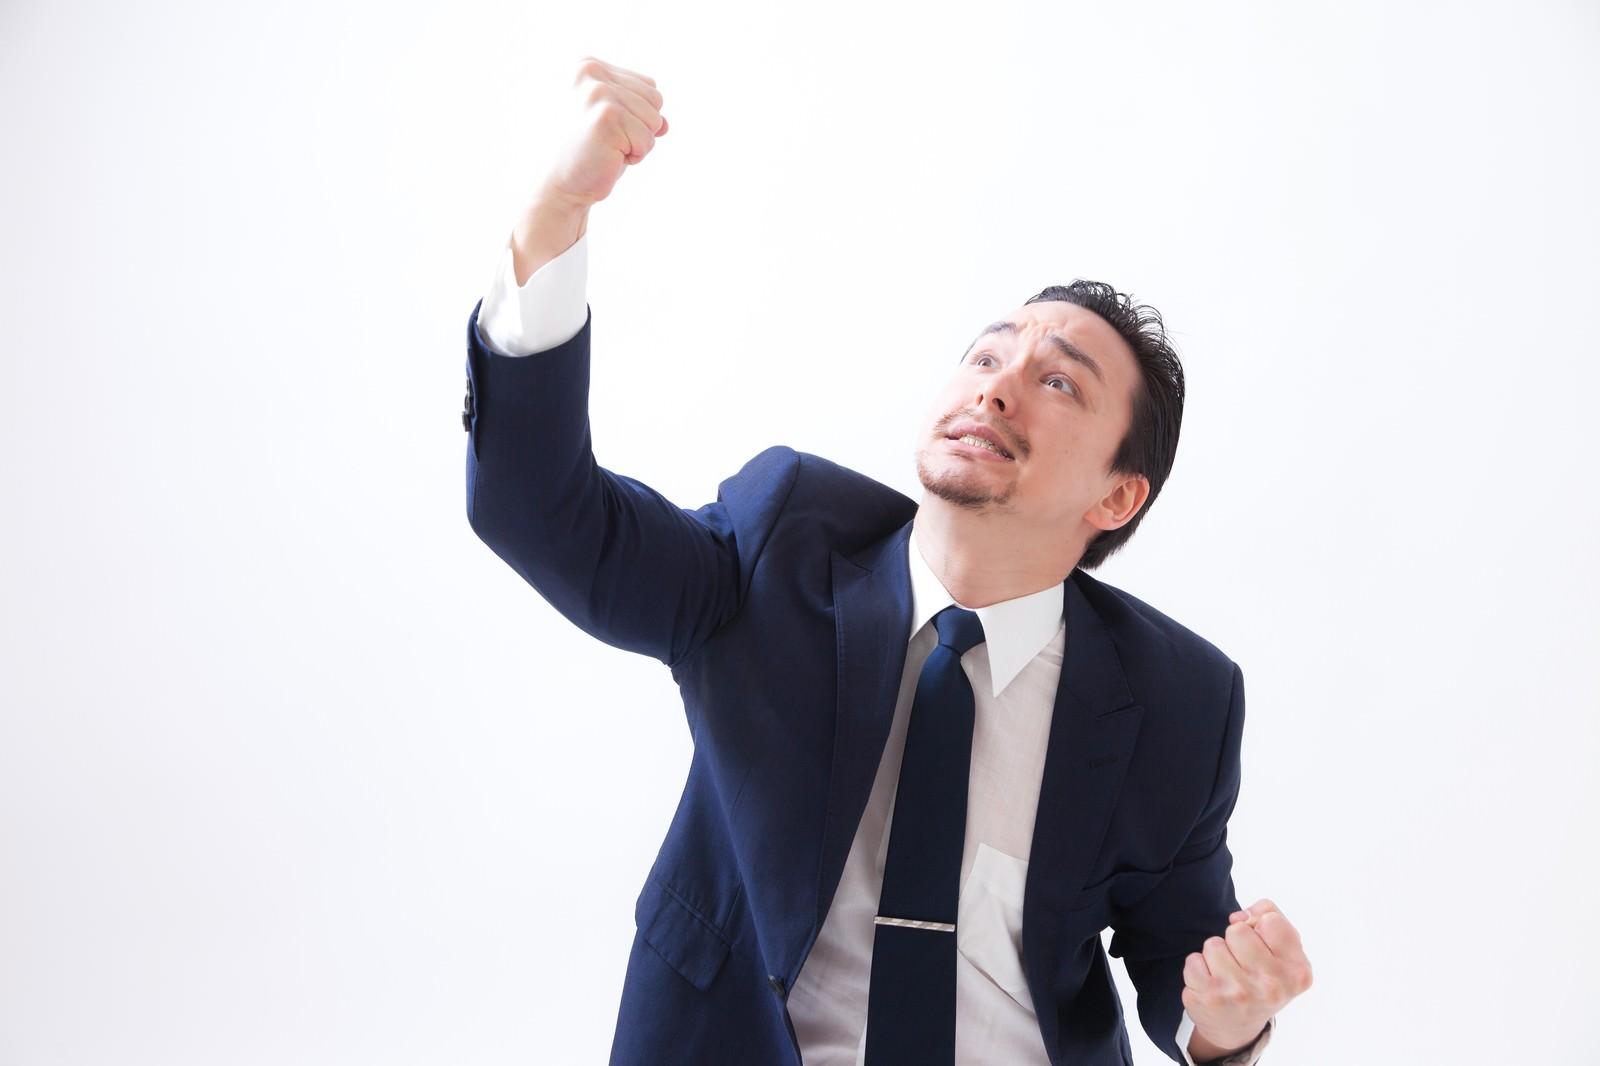 「天高く拳を突き上げるドイツ人ハーフ | 写真の無料素材・フリー素材 - ぱくたそ」の写真[モデル:Max_Ezaki]